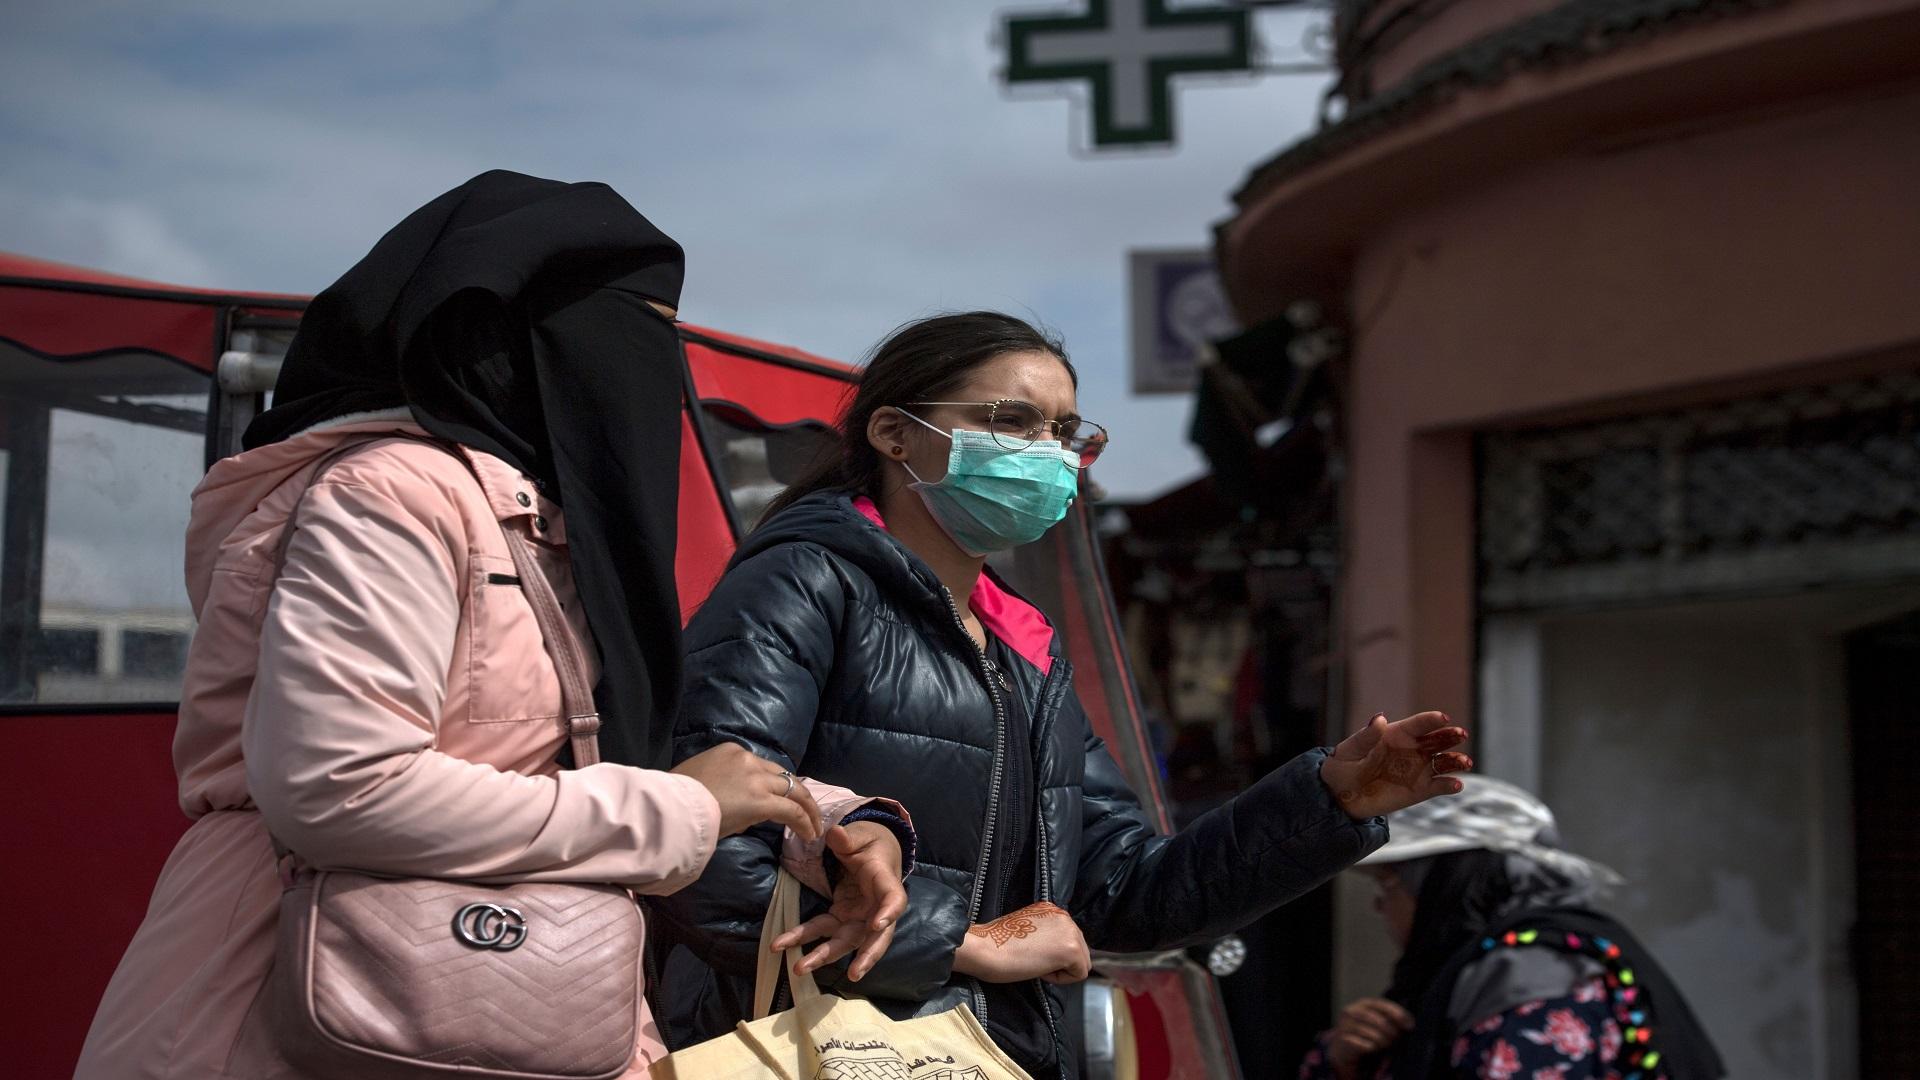 منظمة الصحة تحذر من عدم التقيد بالإجراءات التي حددتها الحكومات بشأن التباعد الاجتماعي